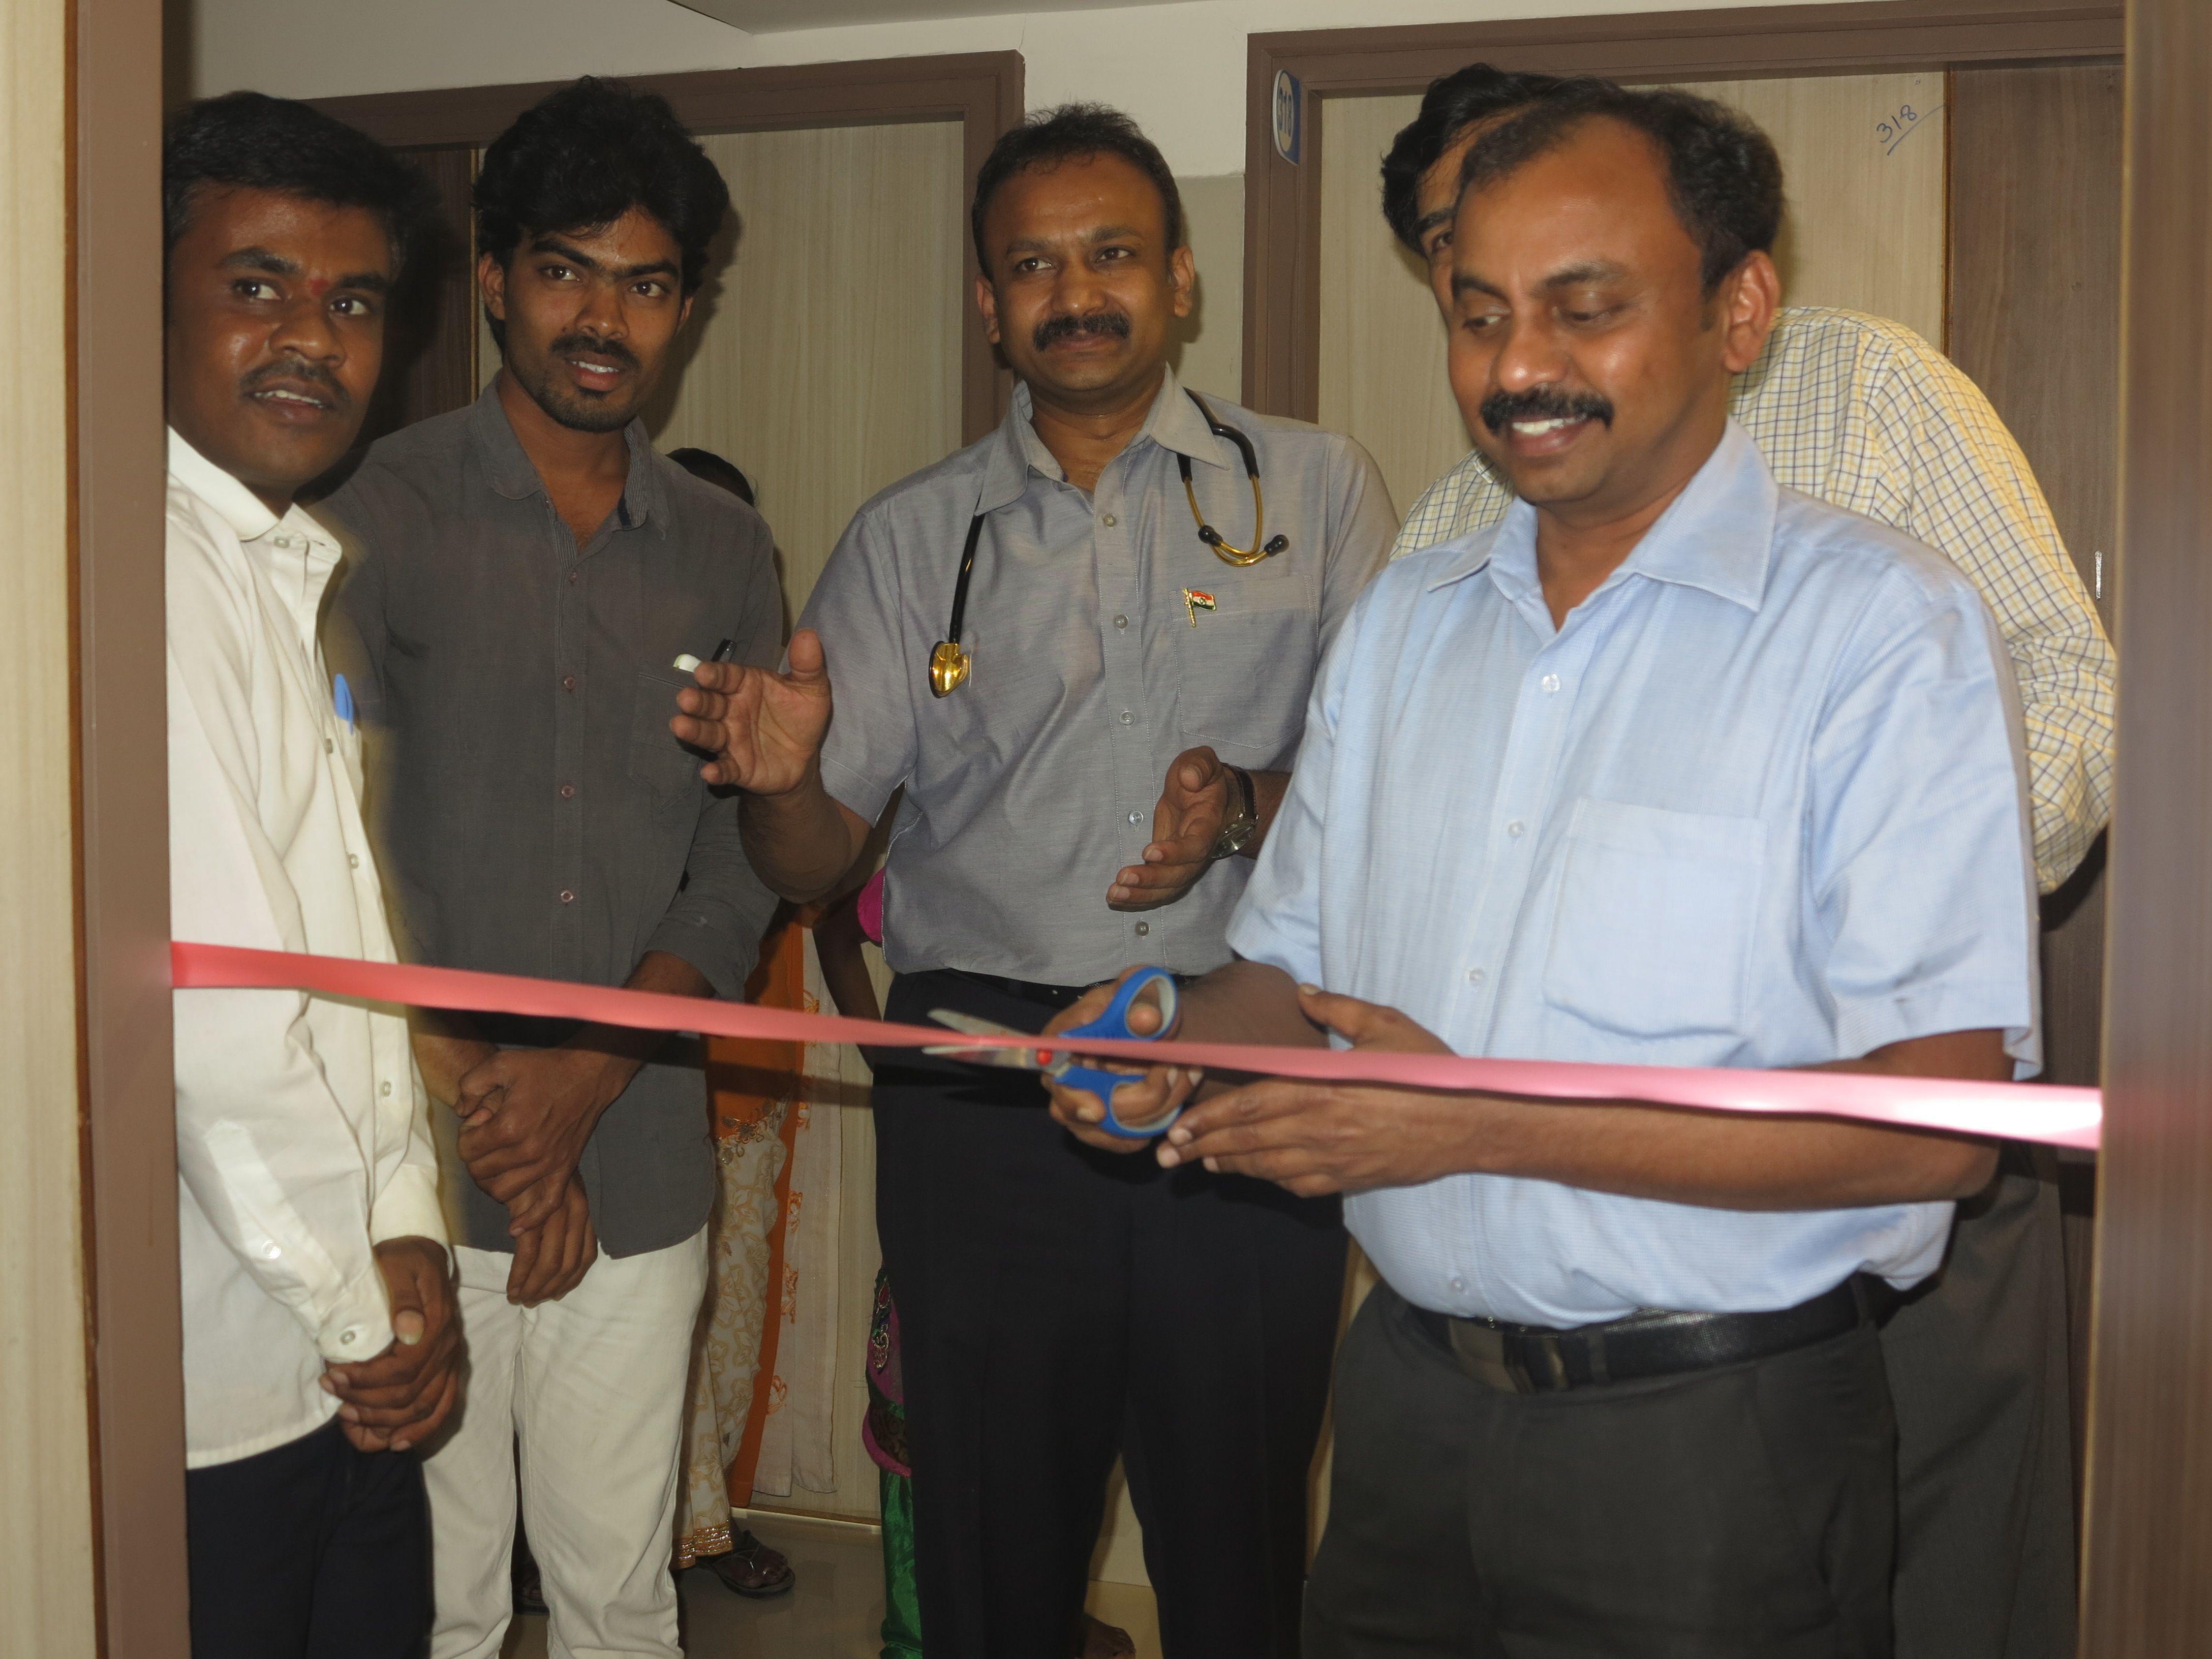 Spandana de addiction centre in bangalore dating